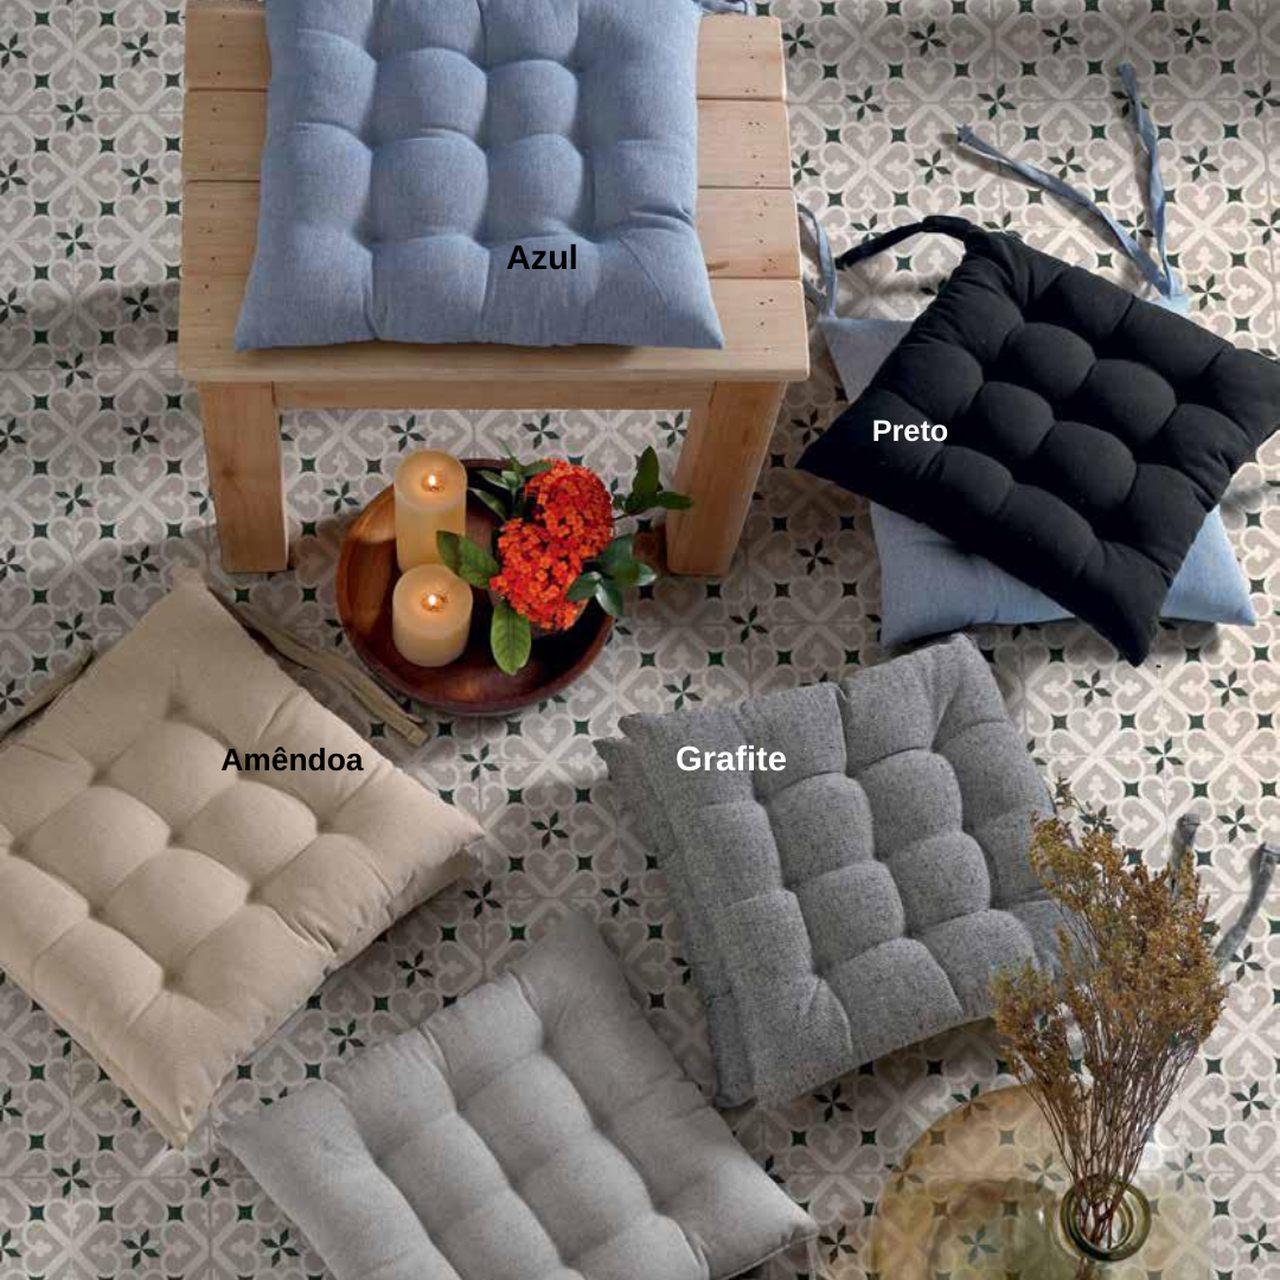 Almofada Futton para cadeira 45x45cm - Azul